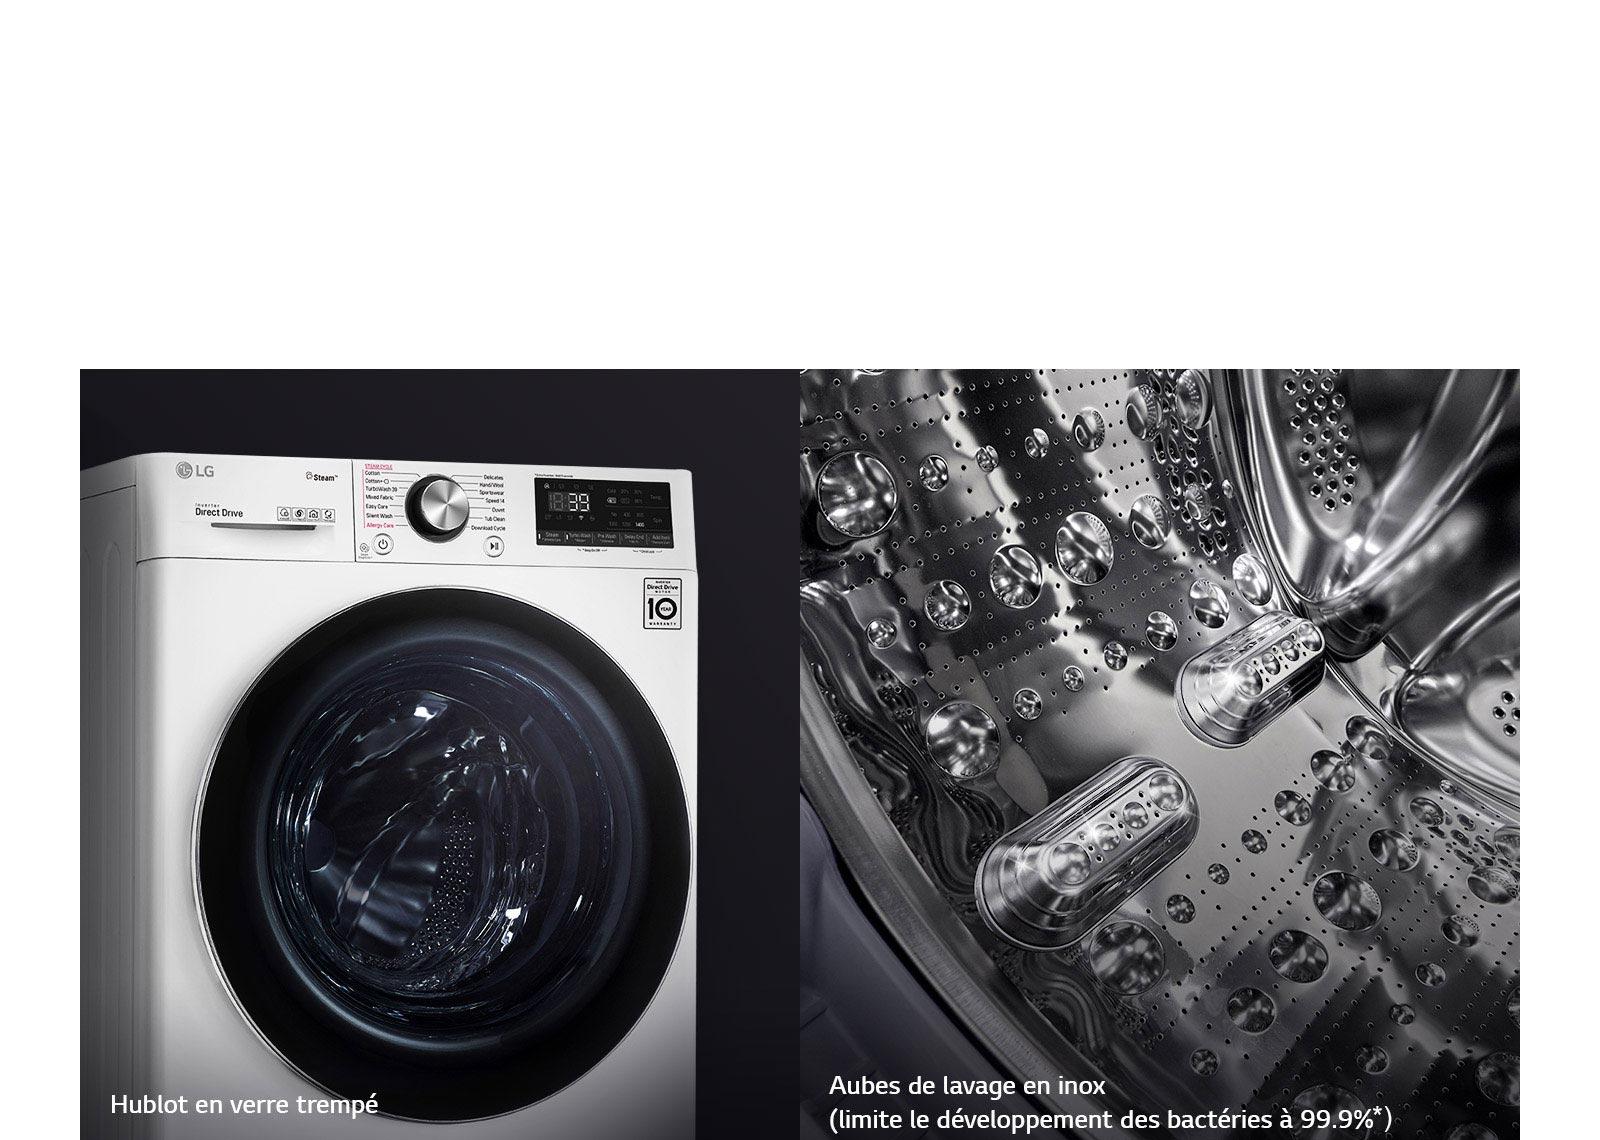 Une conception résistante pour un lave-linge durable